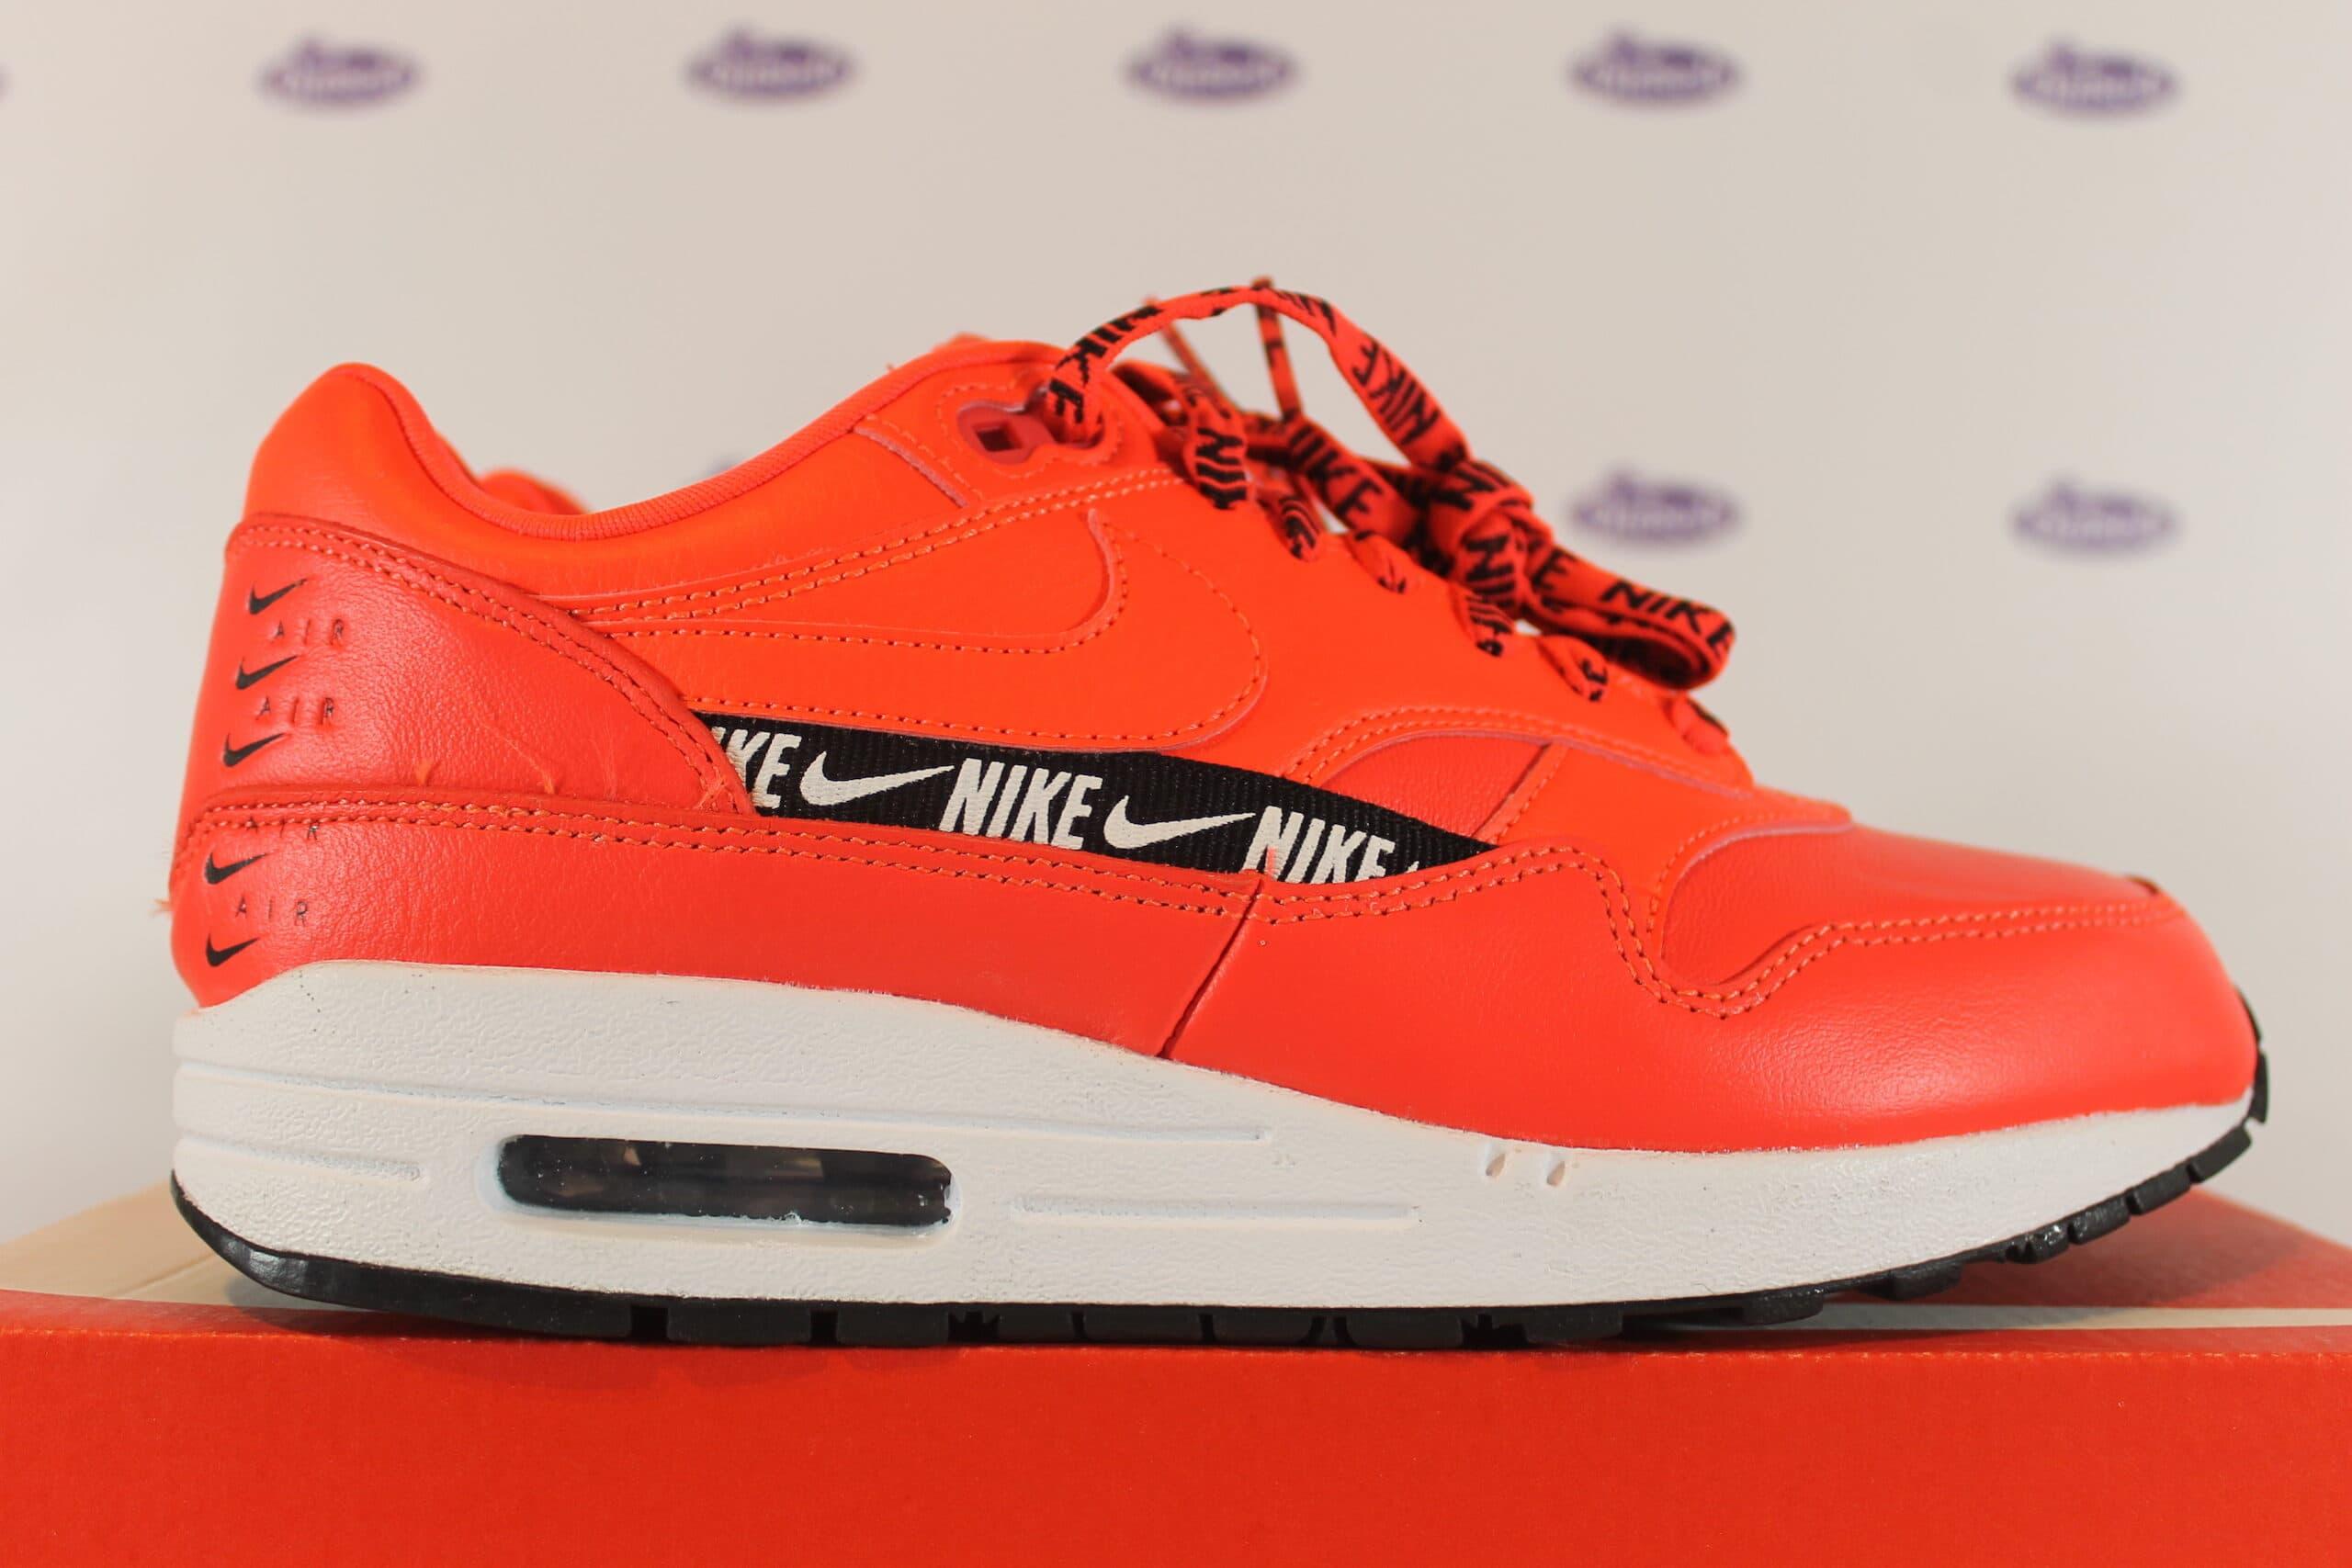 La Internet carne de vaca Violeta  Nike Air Max 1 SE Just Do It Bright Crimson | ✅ Online at Outsole